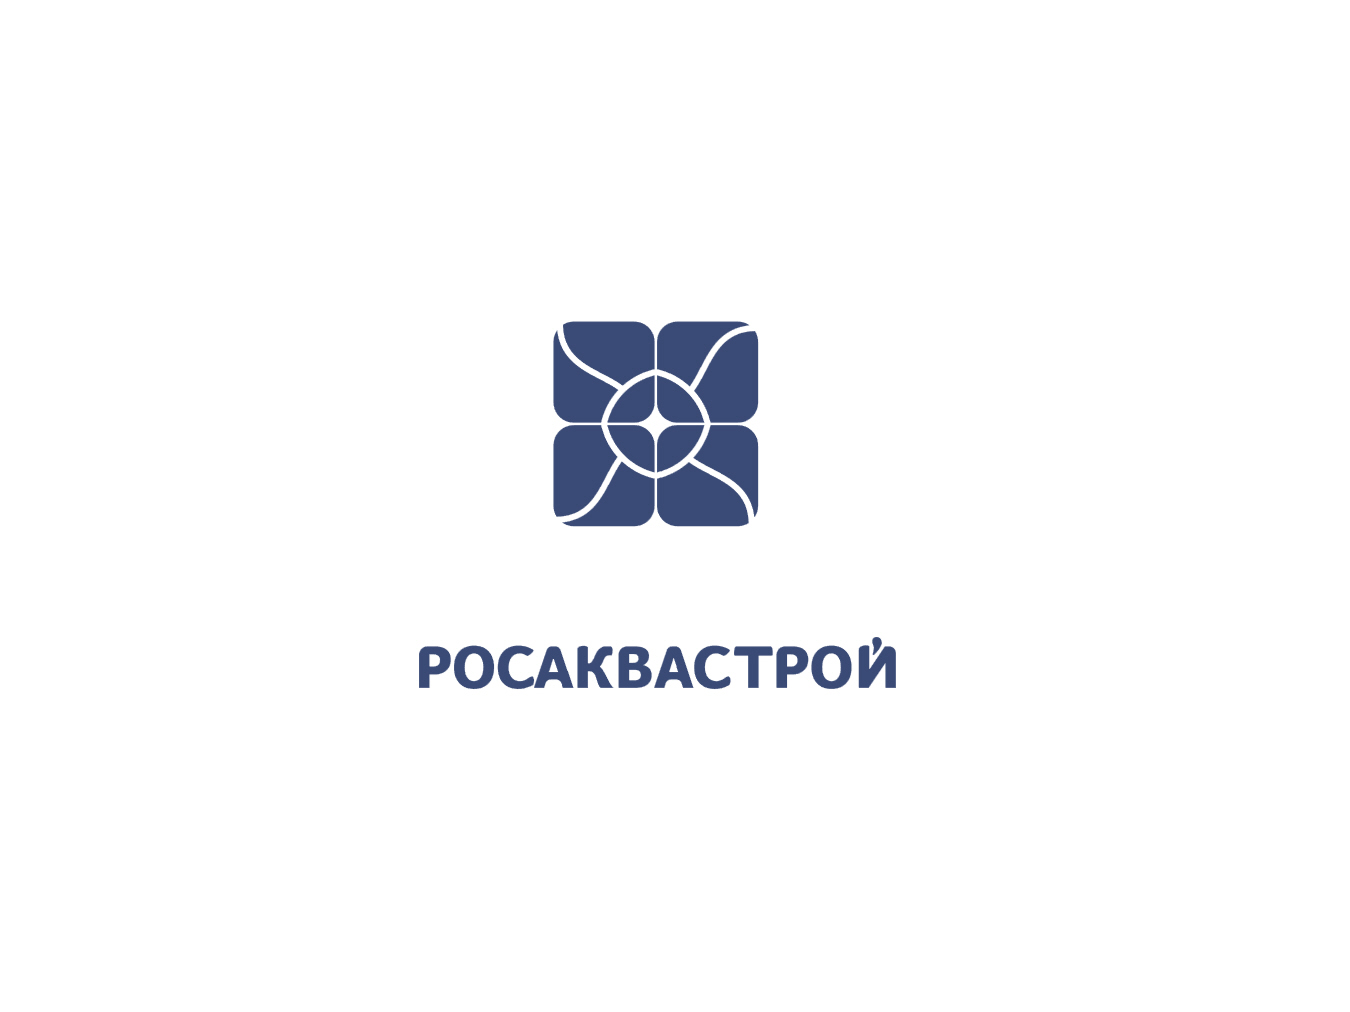 Создание логотипа фото f_4eb03cff099b7.jpg